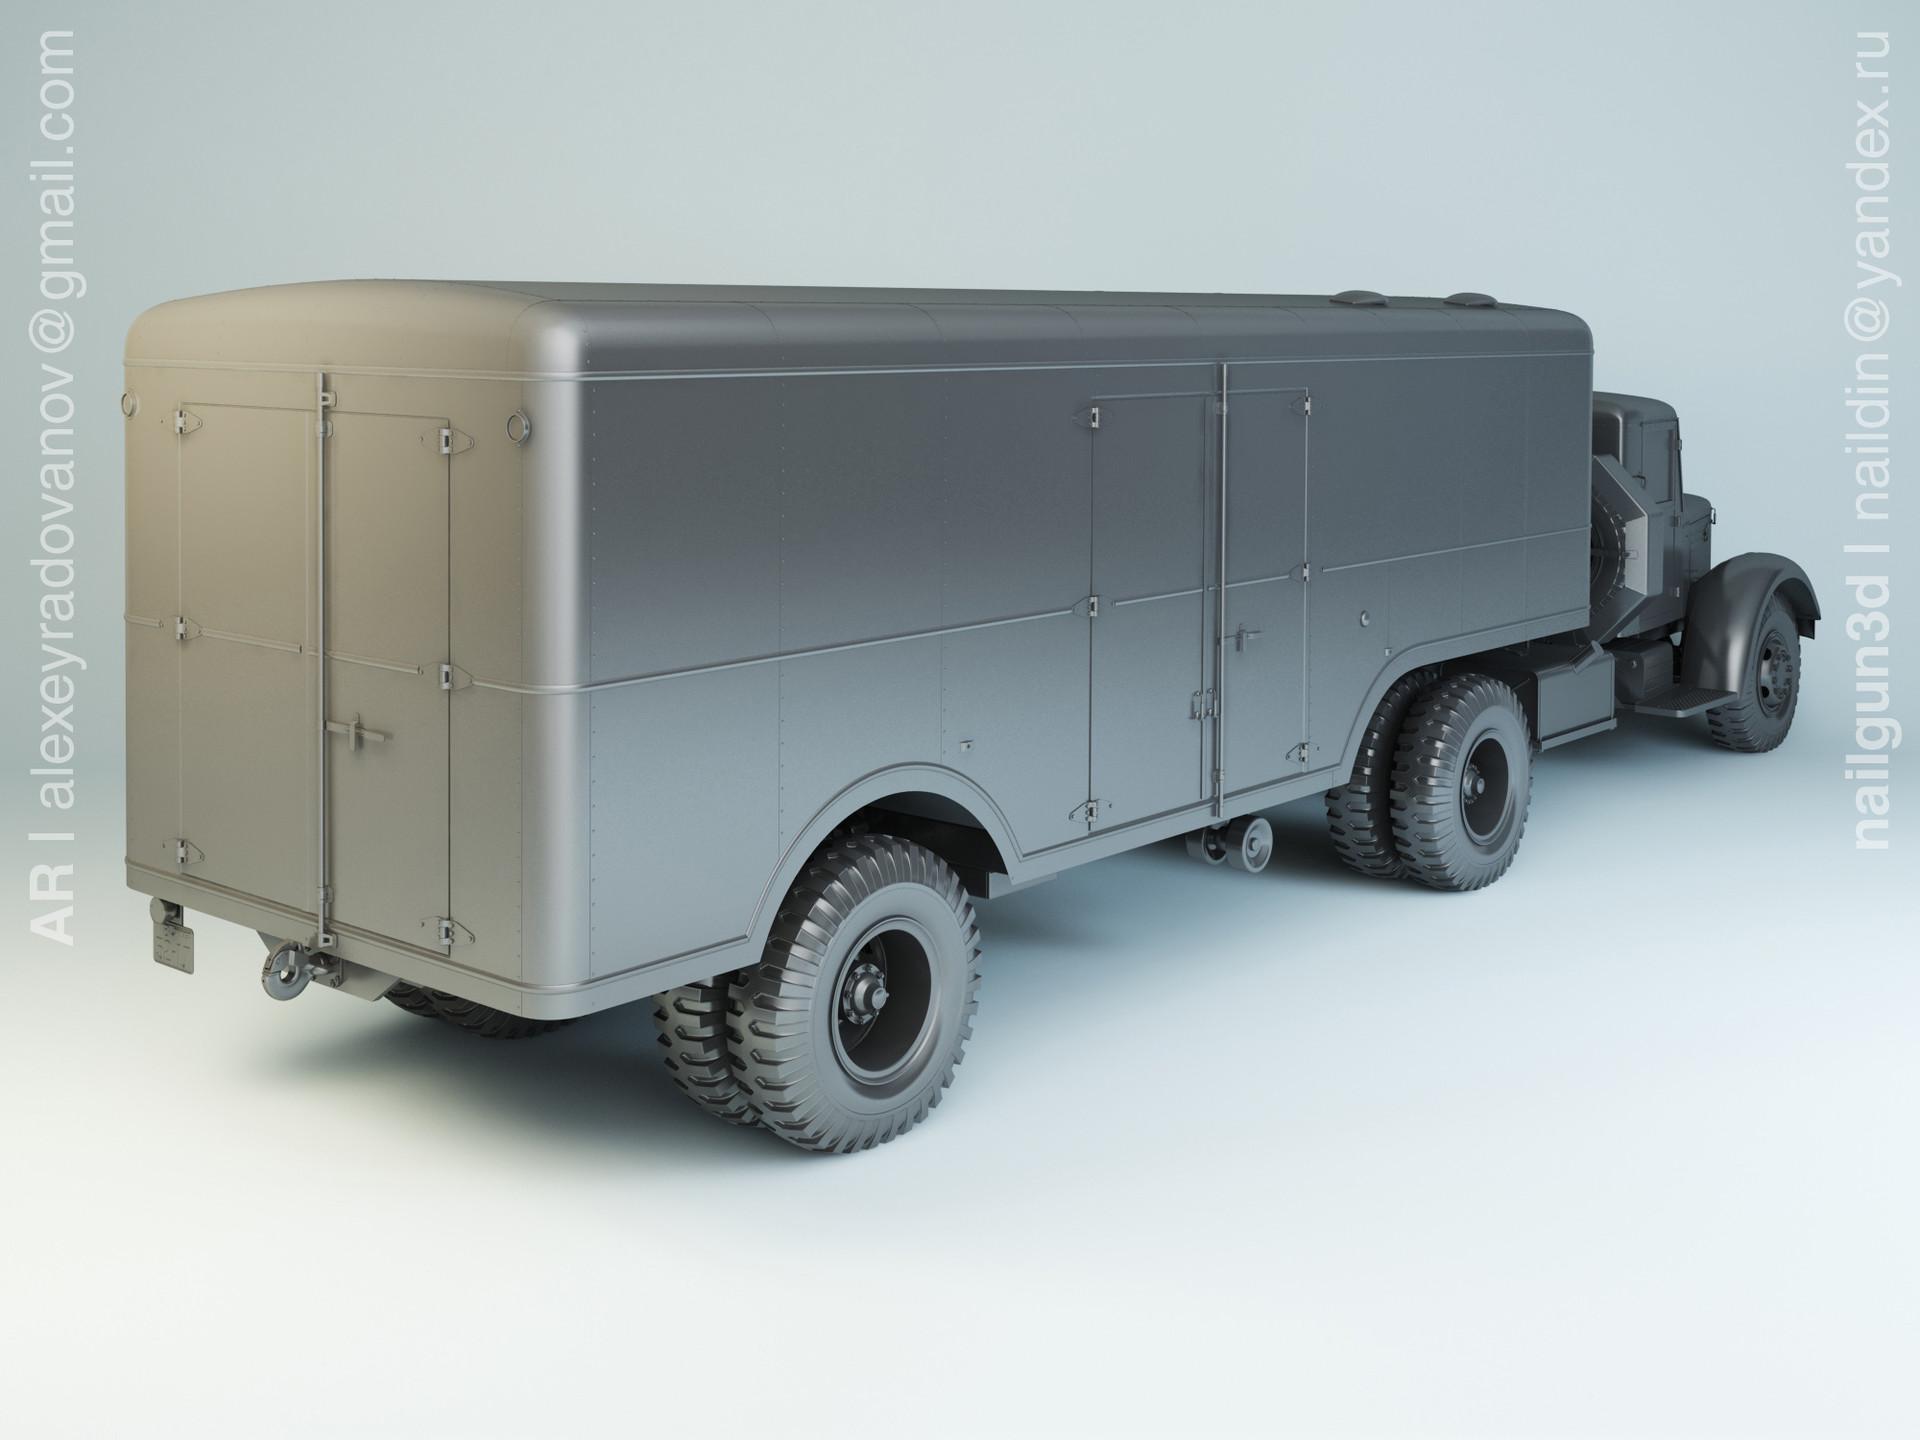 Nail khusnutdinov slg 003 000 maz 205v maz 5217 modelling 1